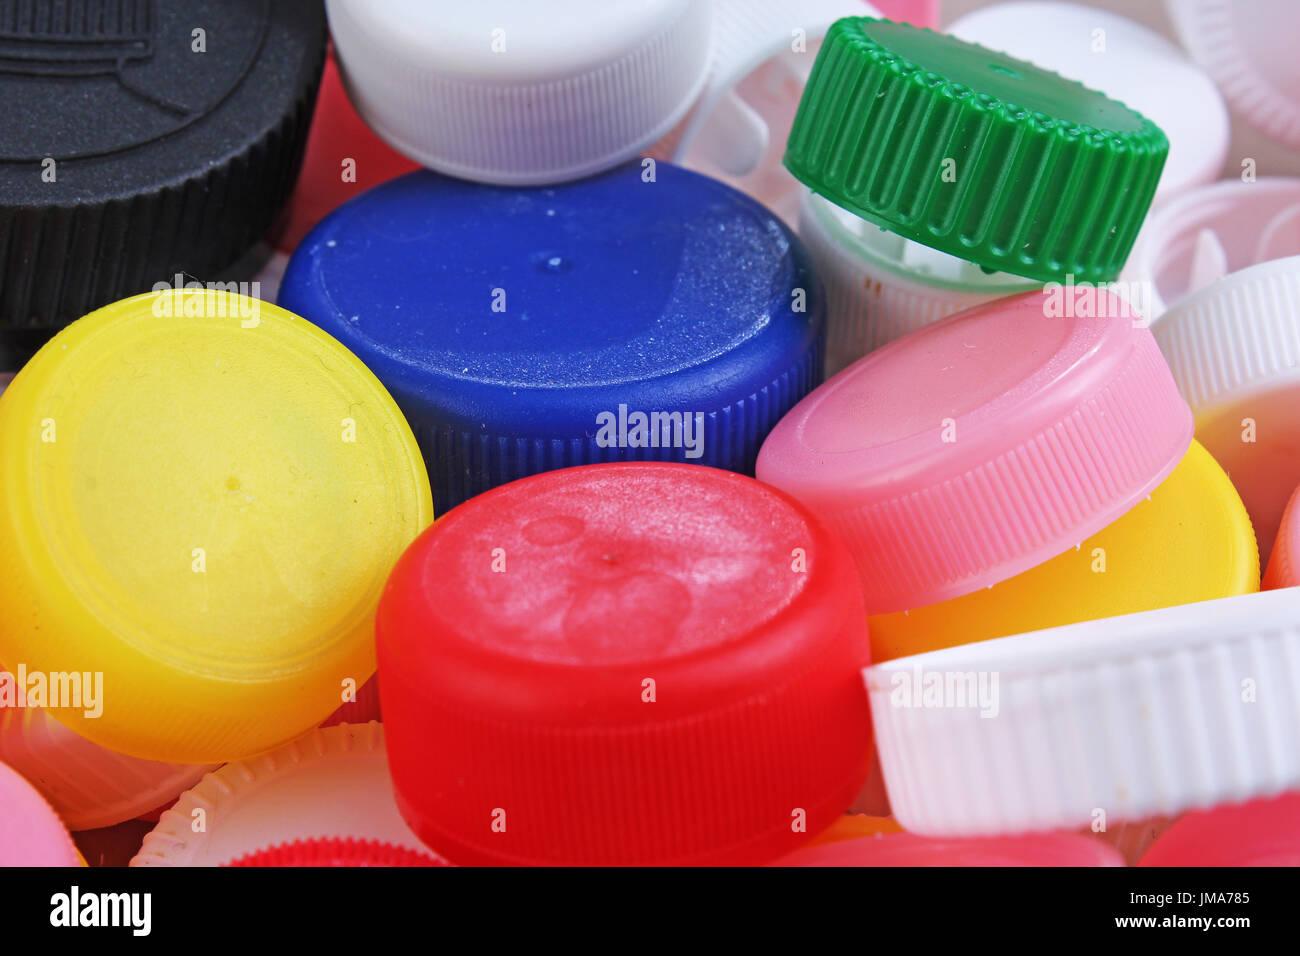 Recoger tapones para botellas de plástico. Primer plano de la pila de tapas  de botella de plástico reciclable sobre fondo blanco. Tapón de botella  patrón de ... 9f832a539b06